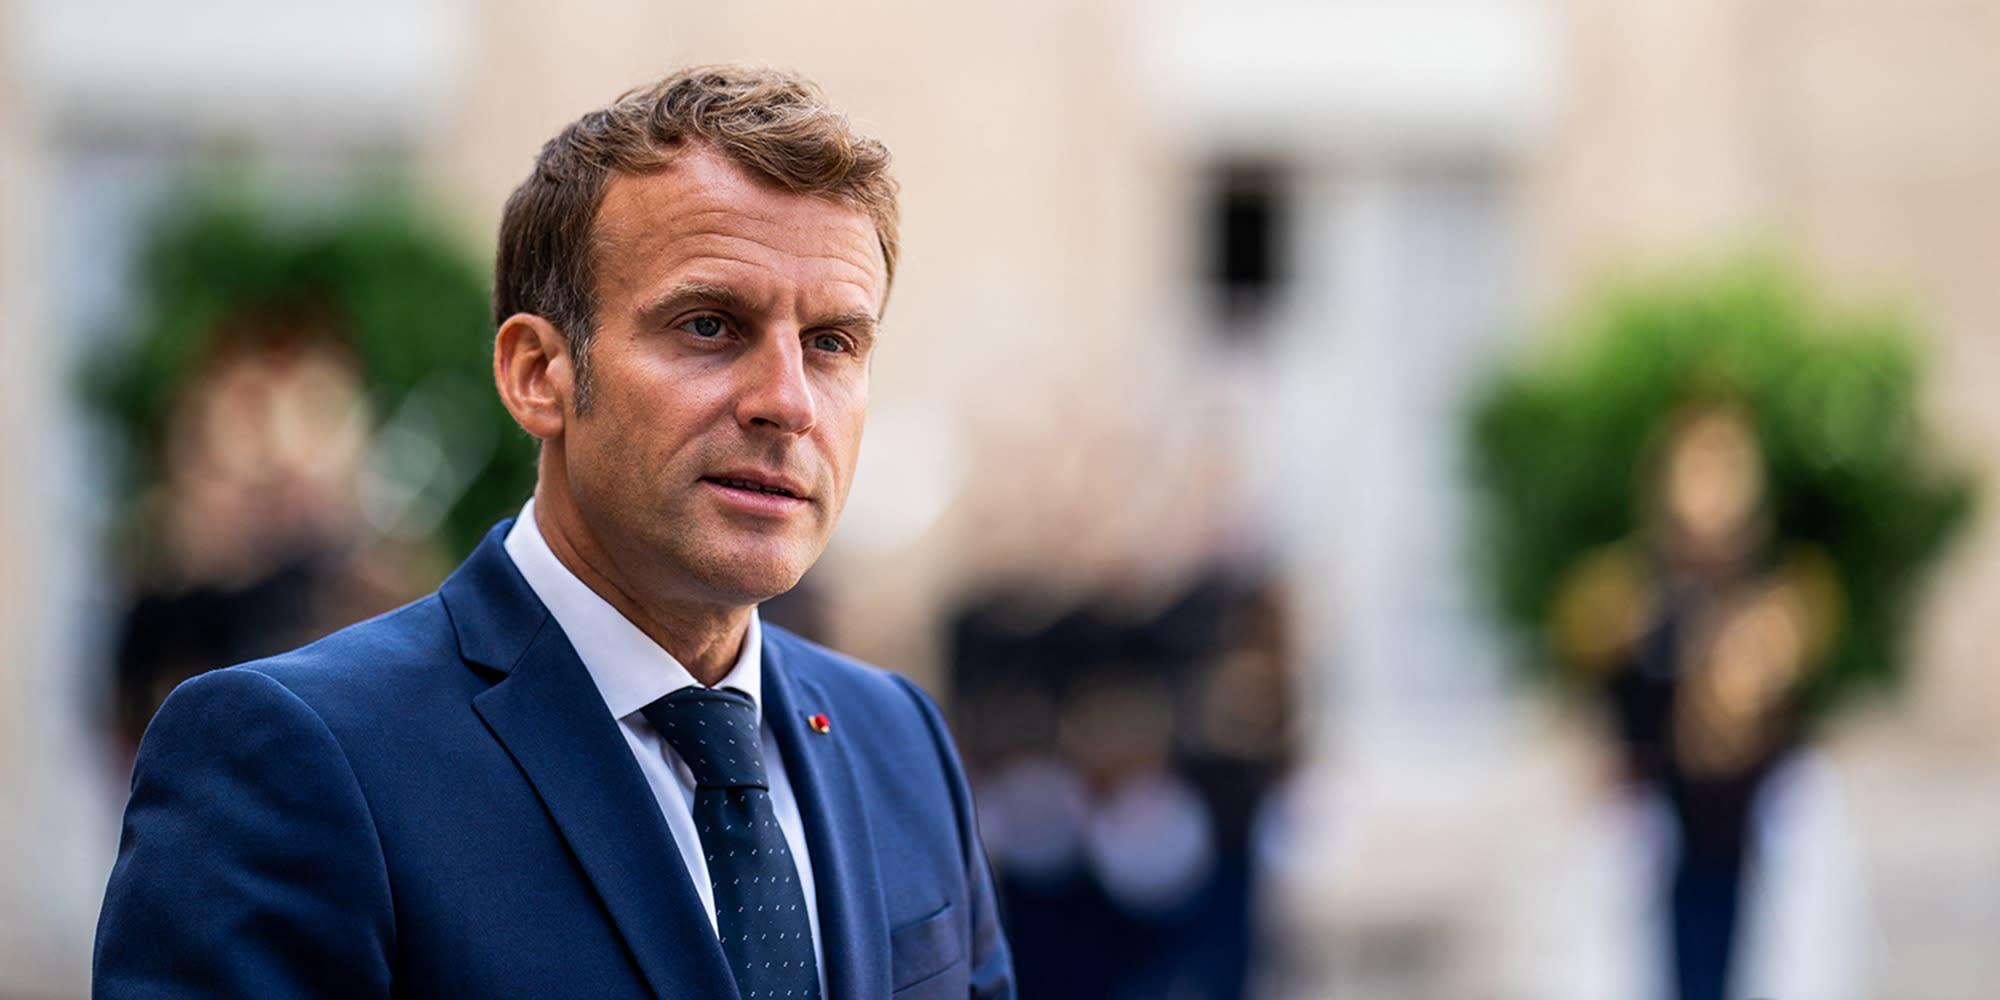 Crise des sous-marins : comment Macron veut riposter